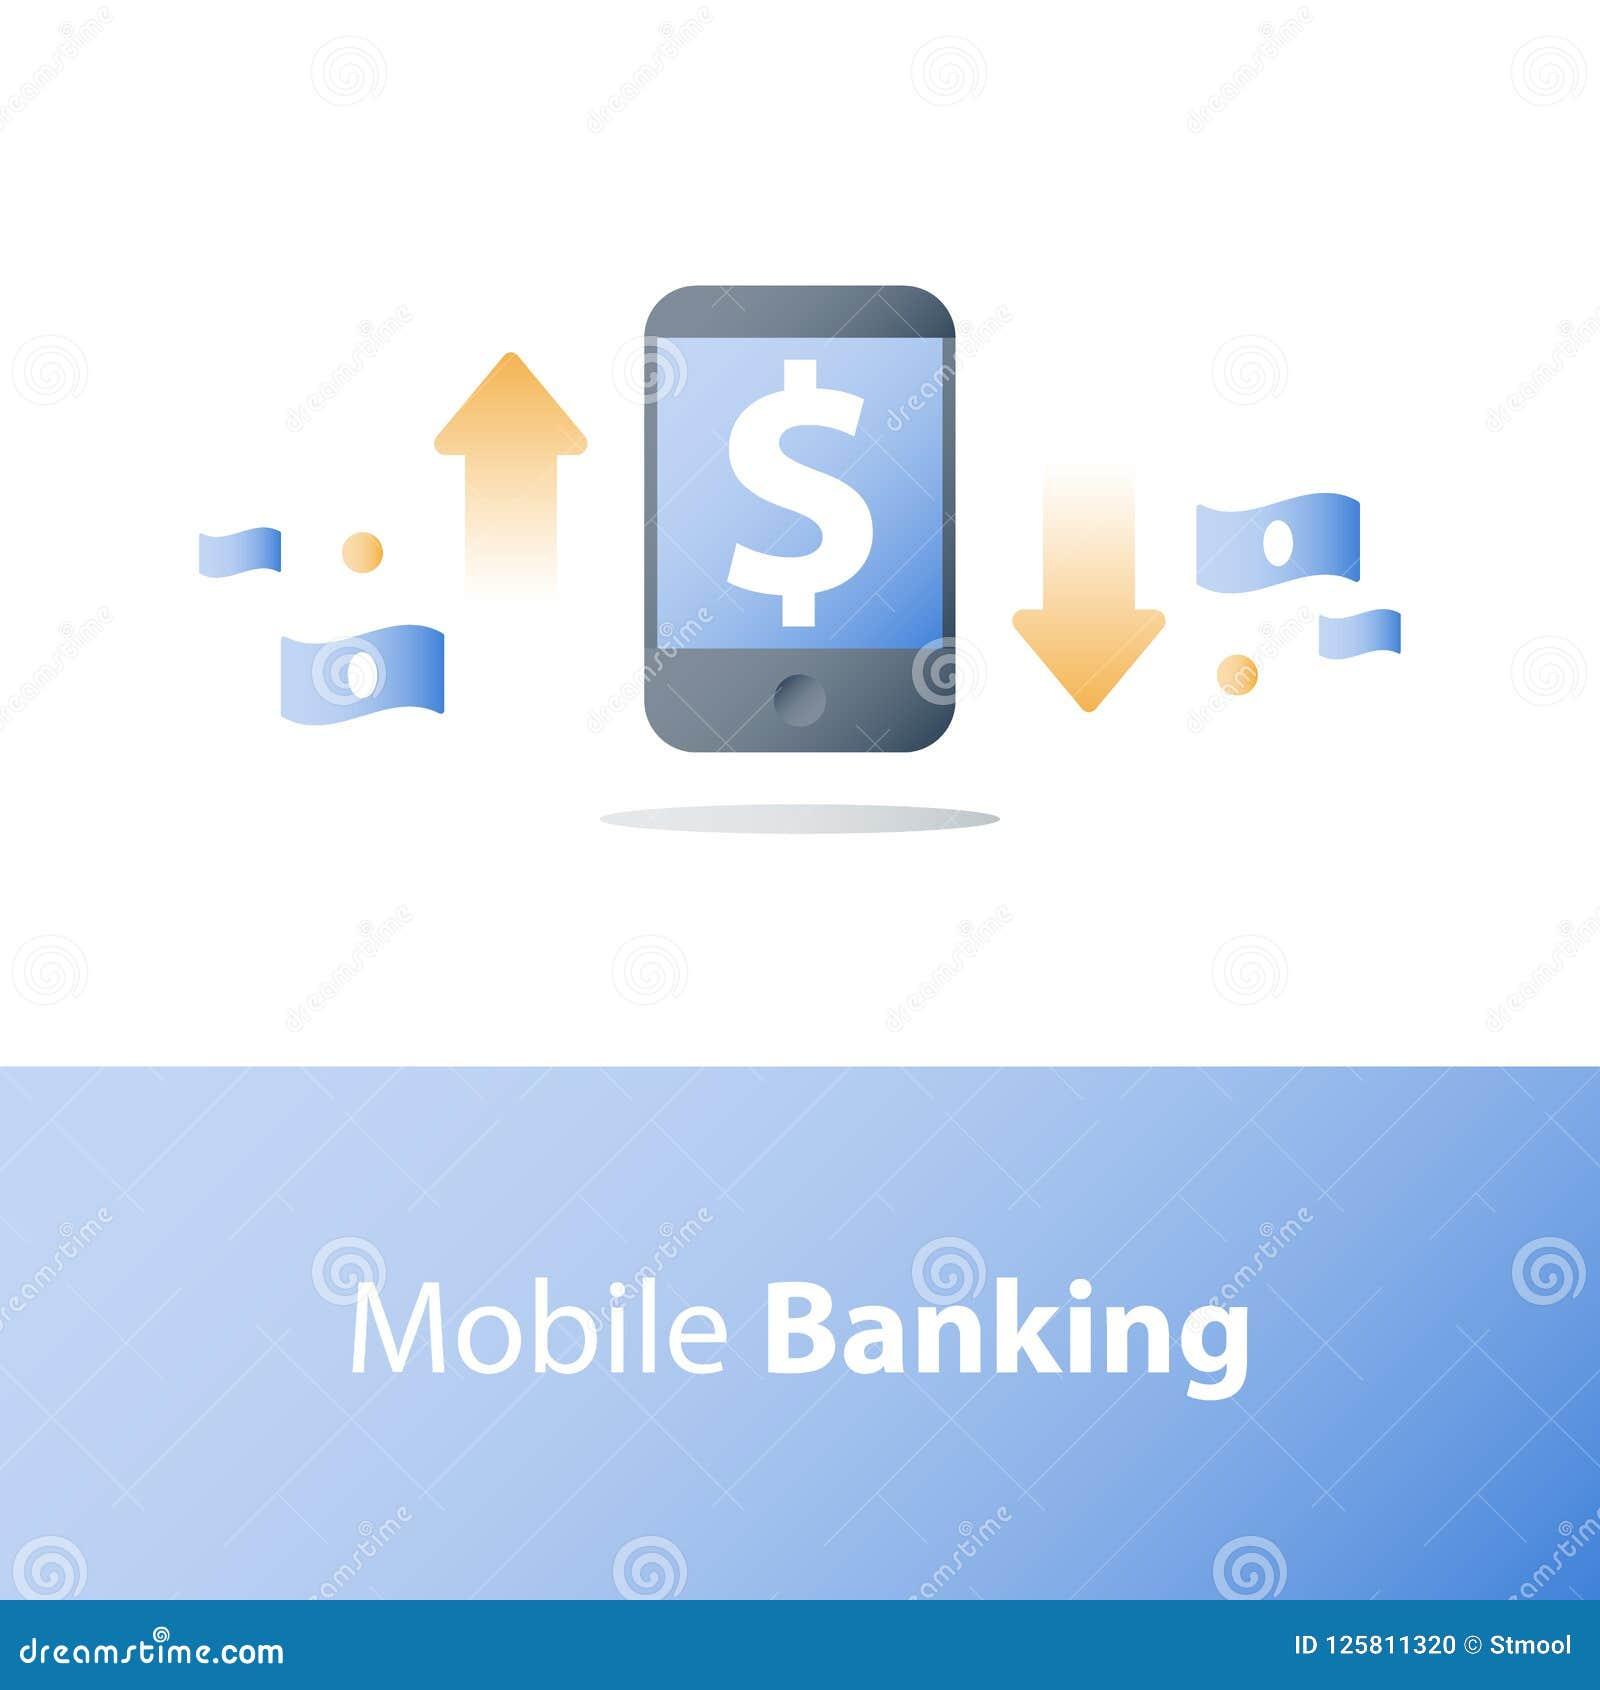 Smartphone и валютная биржа, знак доллара, передвижная оплата, онлайн-банкинг, финансовые обслуживания